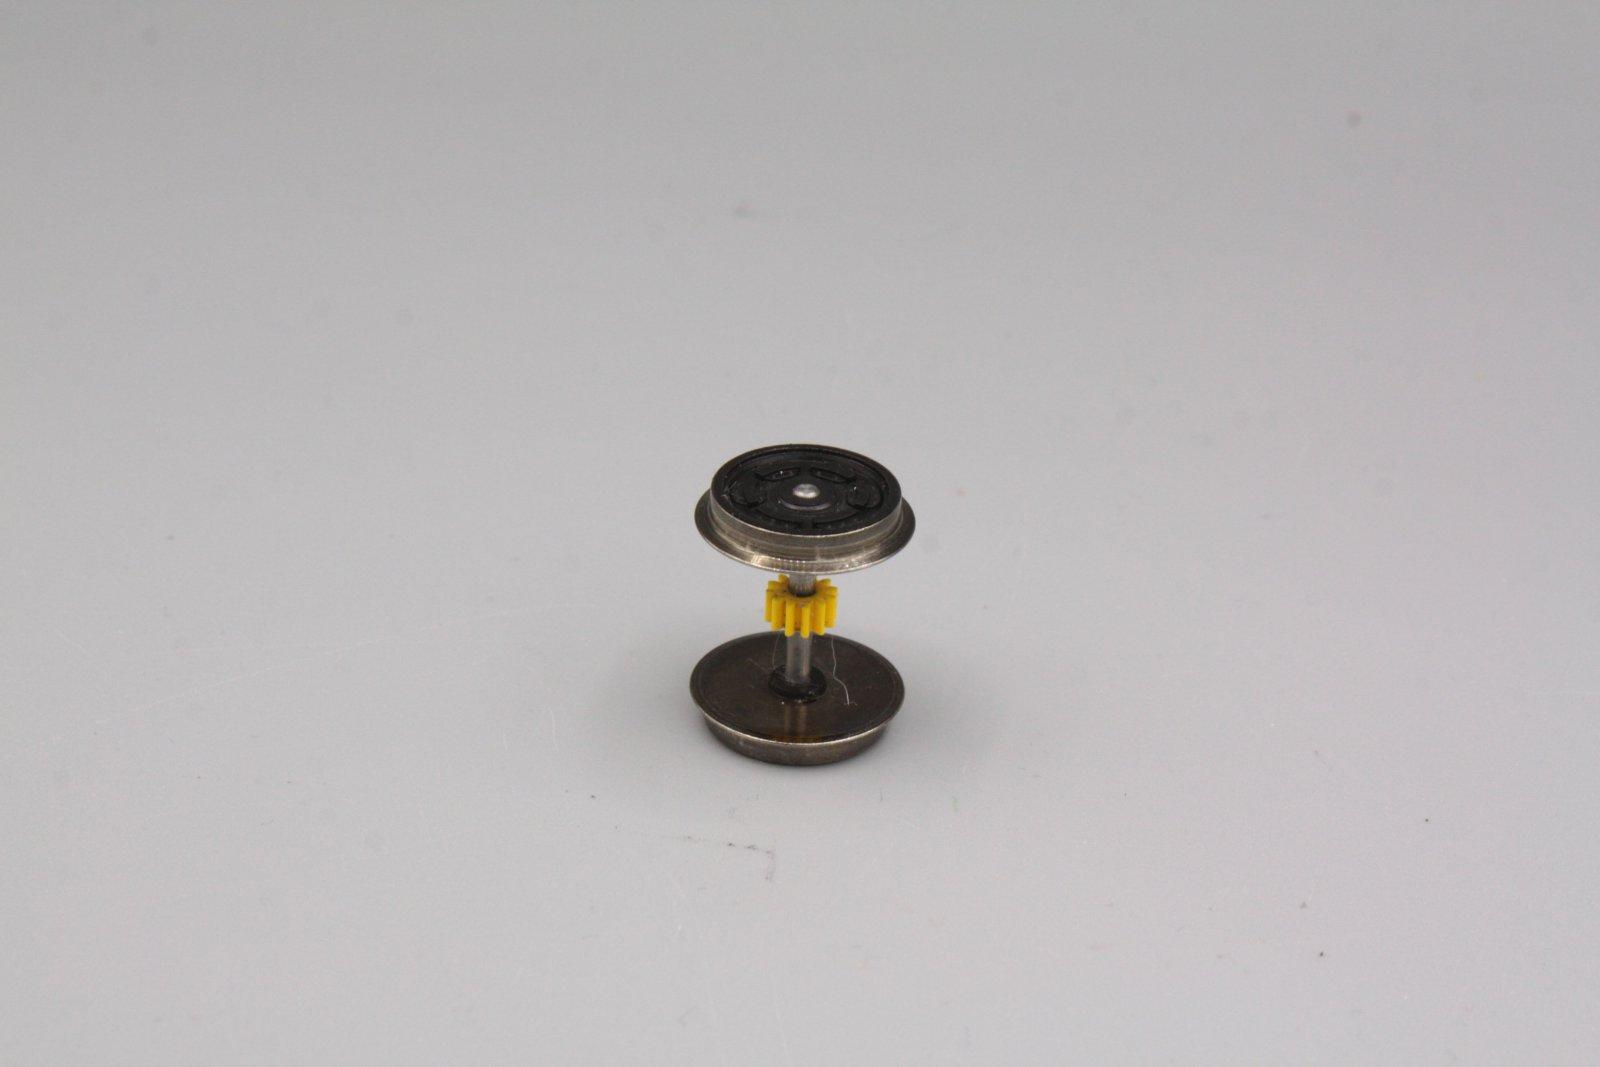 Ersatzteil Roco 140 / 110 u.a Radsatz schwarz m. gelben Zahnrad ohne Haftreifen